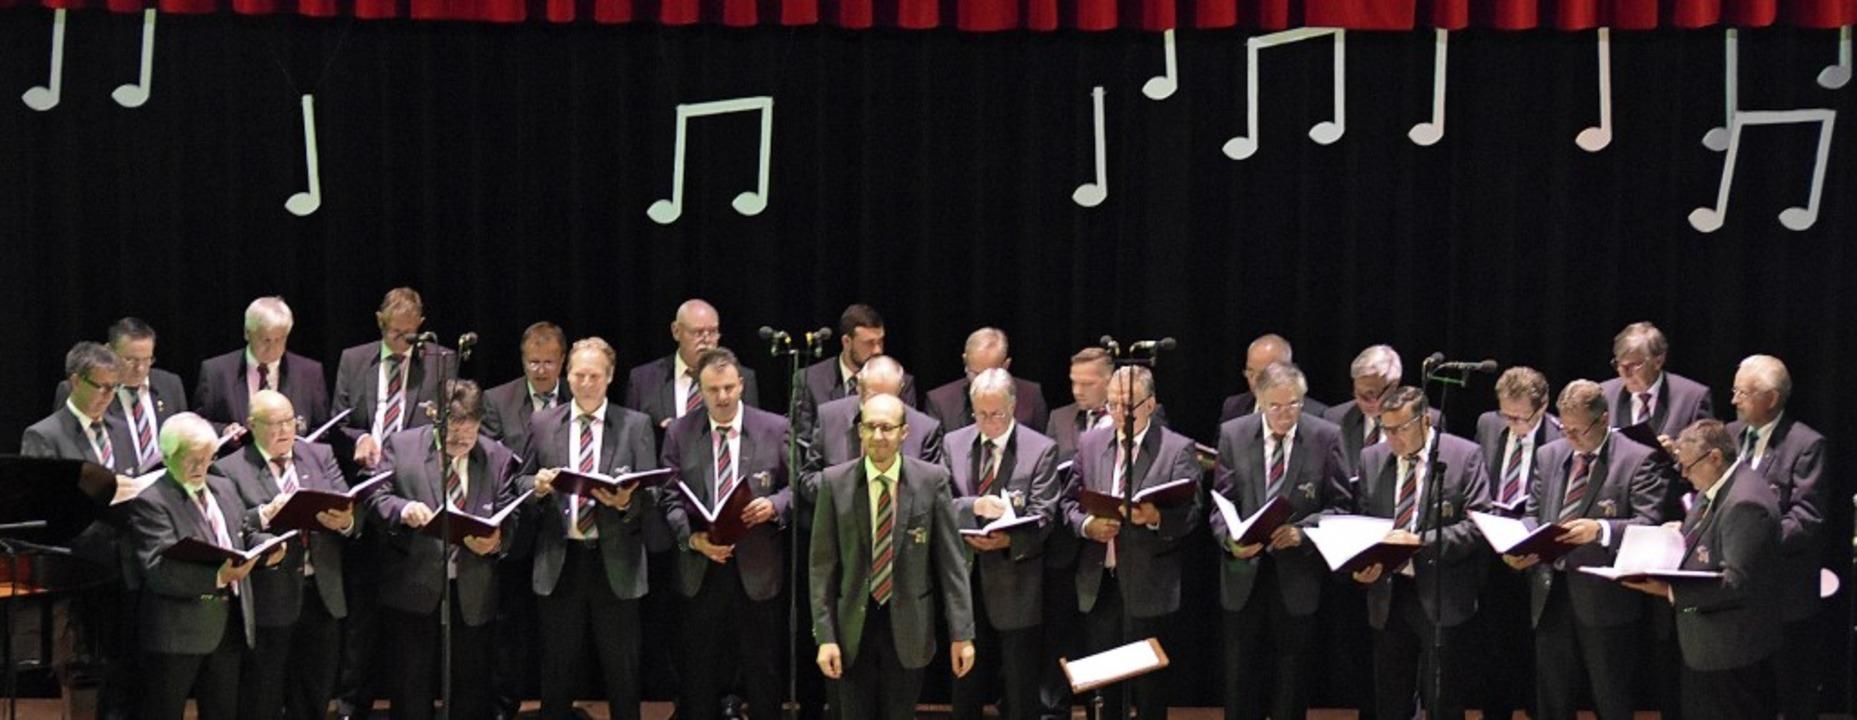 Neue Ideen  setzte der Männergesangverein Liederkranz in Gundelfingen um.     Foto: Andrea Steinhart